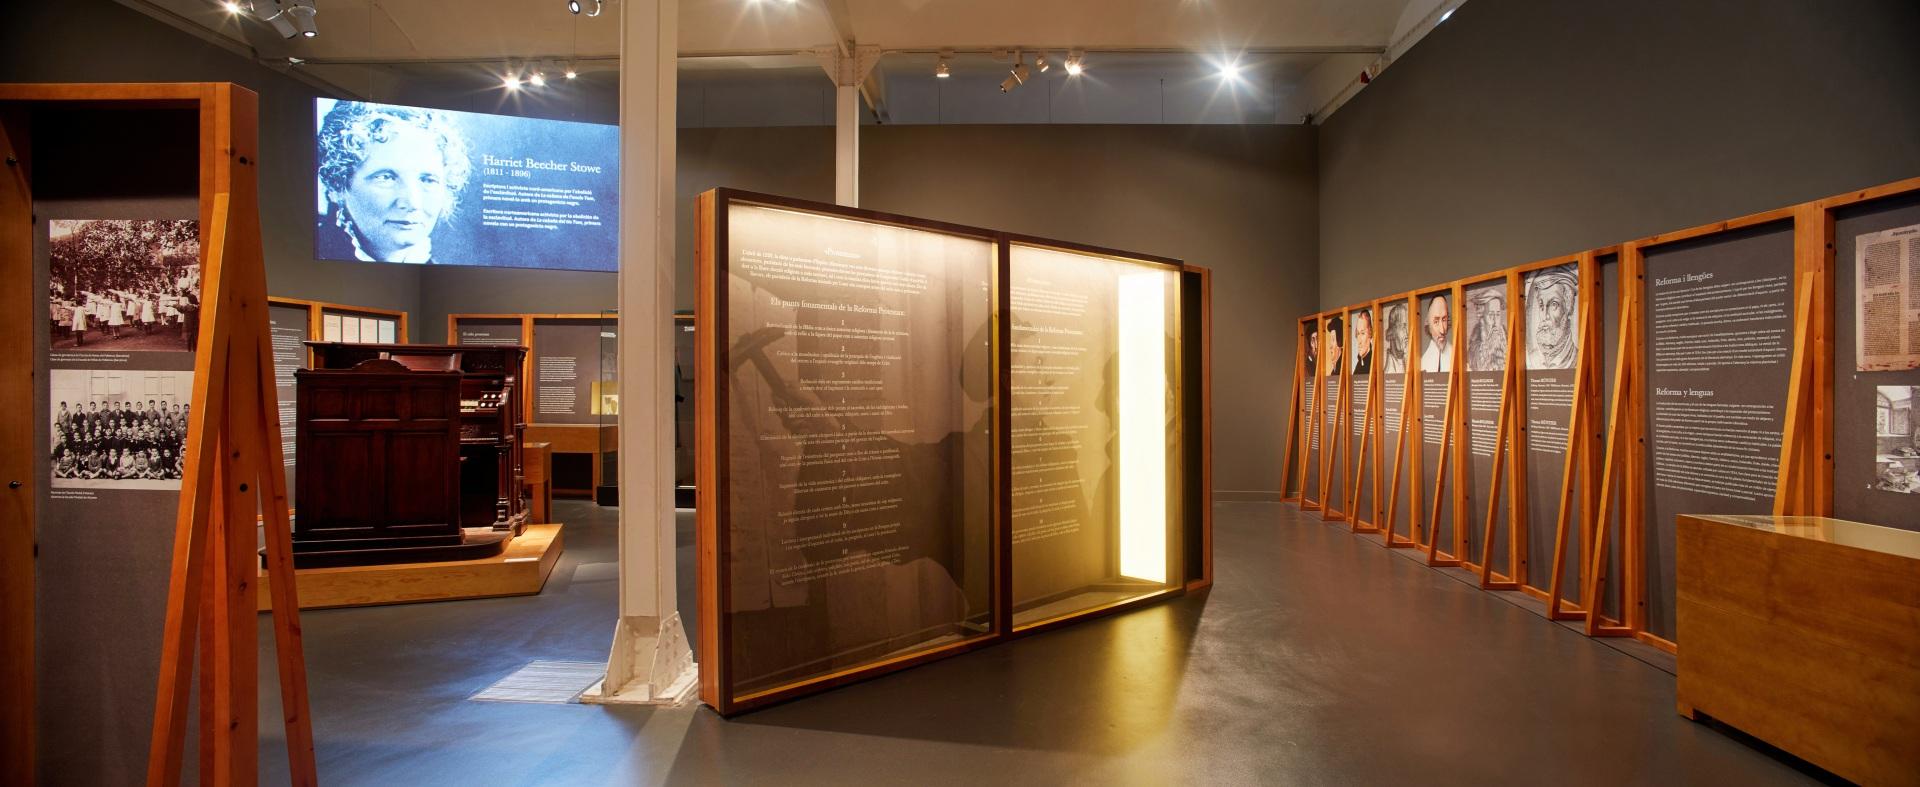 Exposición protestantes Caixaforum. Vitrinas y paneles de madera, proyección audiovisual y armónium.